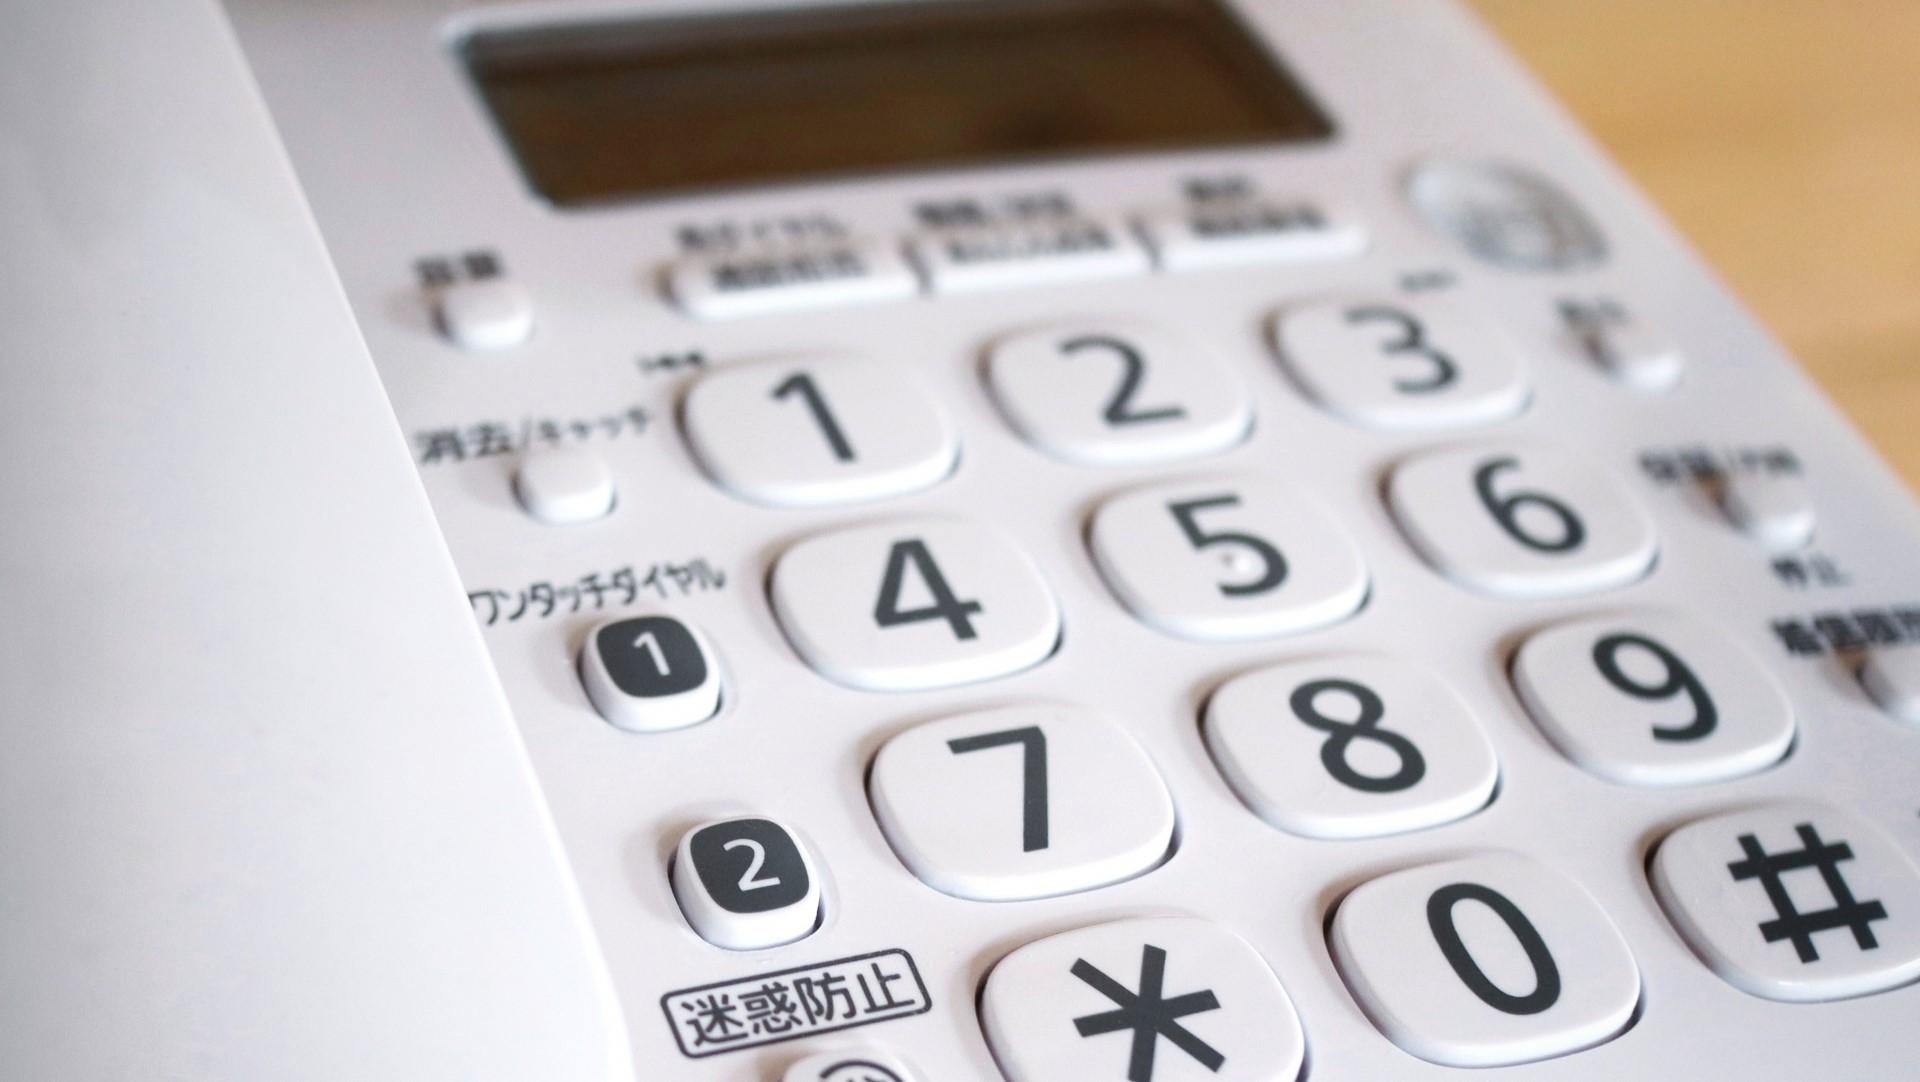 固定電話の費用